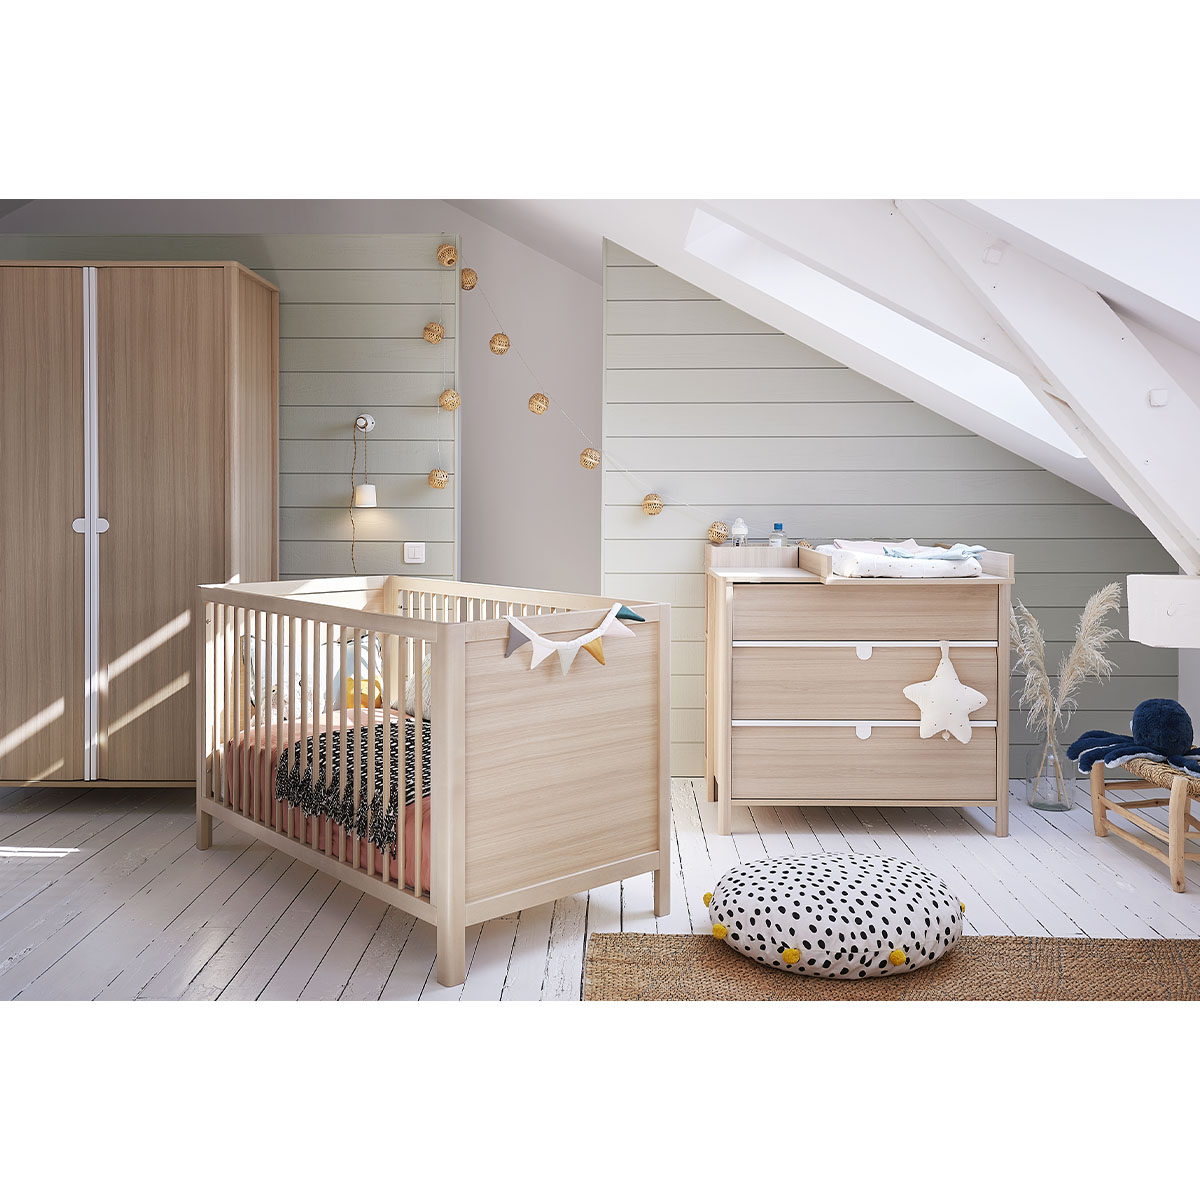 Chambre complète Lit évolutif 70x140 avec 2 pans inclus - commode 3 tiroirs - armoire 2 portes Galipette Anatole - Bois